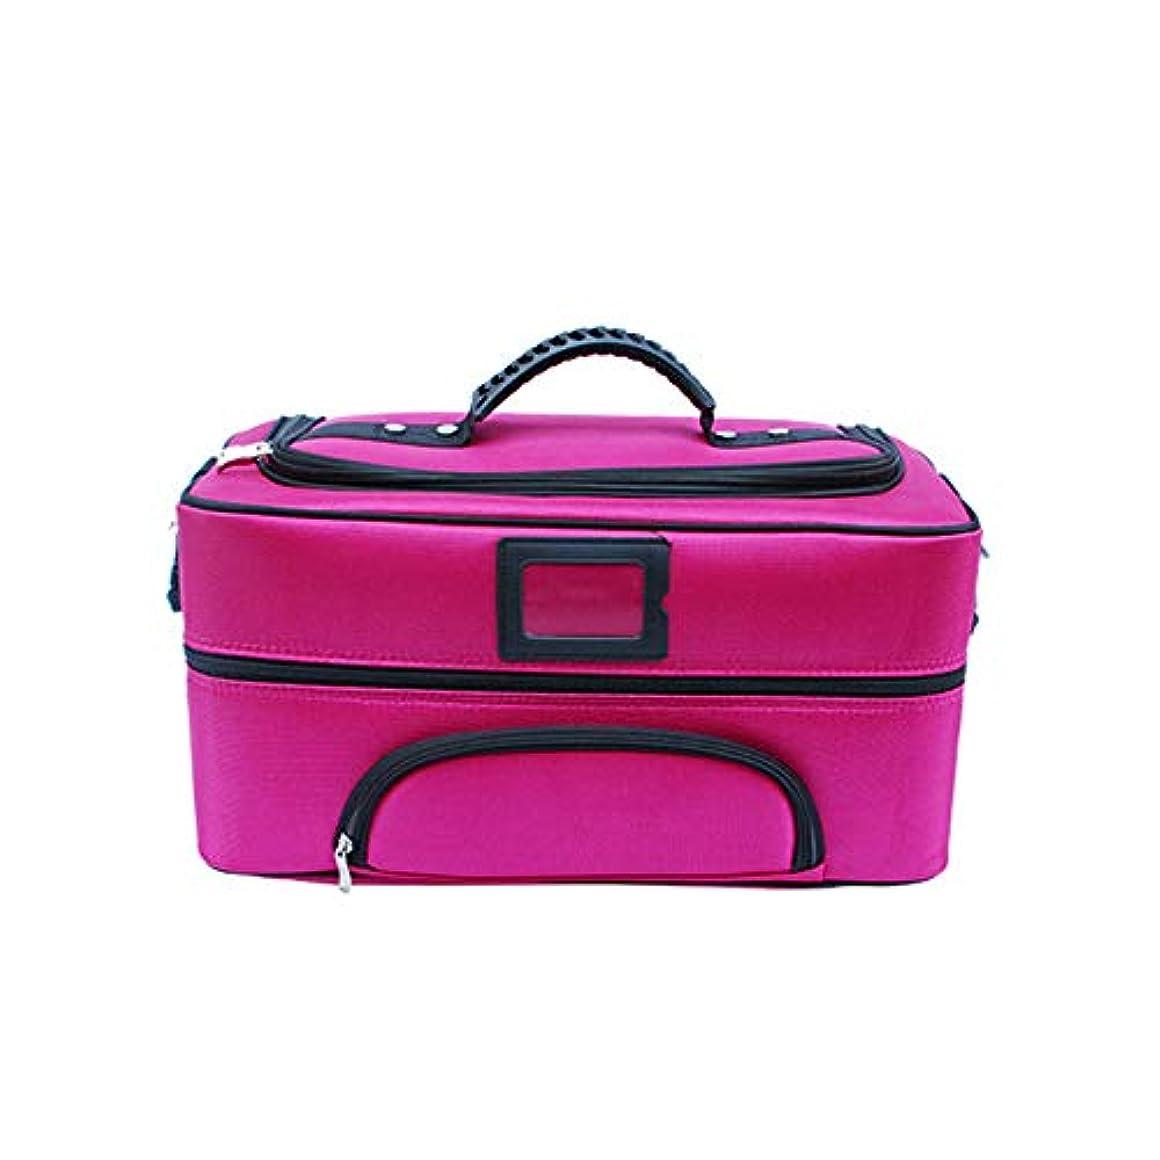 教科書ワックストリプル化粧オーガナイザーバッグ ジッパーで旅行と毎日のストレージのための美容メイクアップのポータブルカジュアルメイク化粧品収納ケース 化粧品ケース